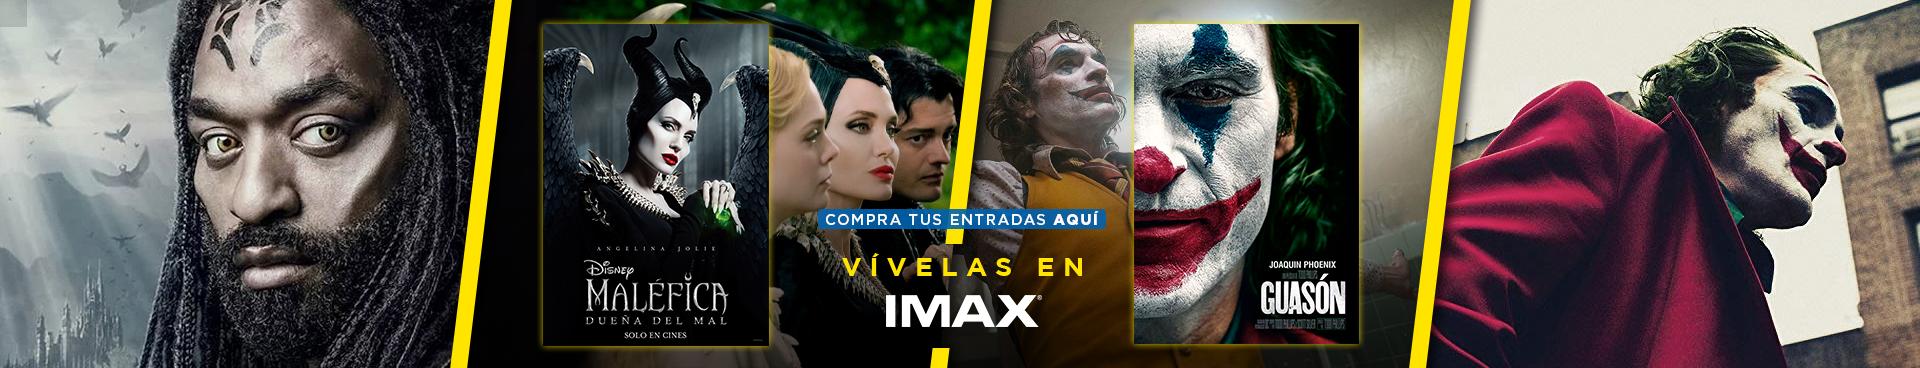 VIVELAS EN IMAX: MALEFICA: DUEÑA DEL MAL  + GUASÓN, COMPRA AQUÍ TU ENTRADA